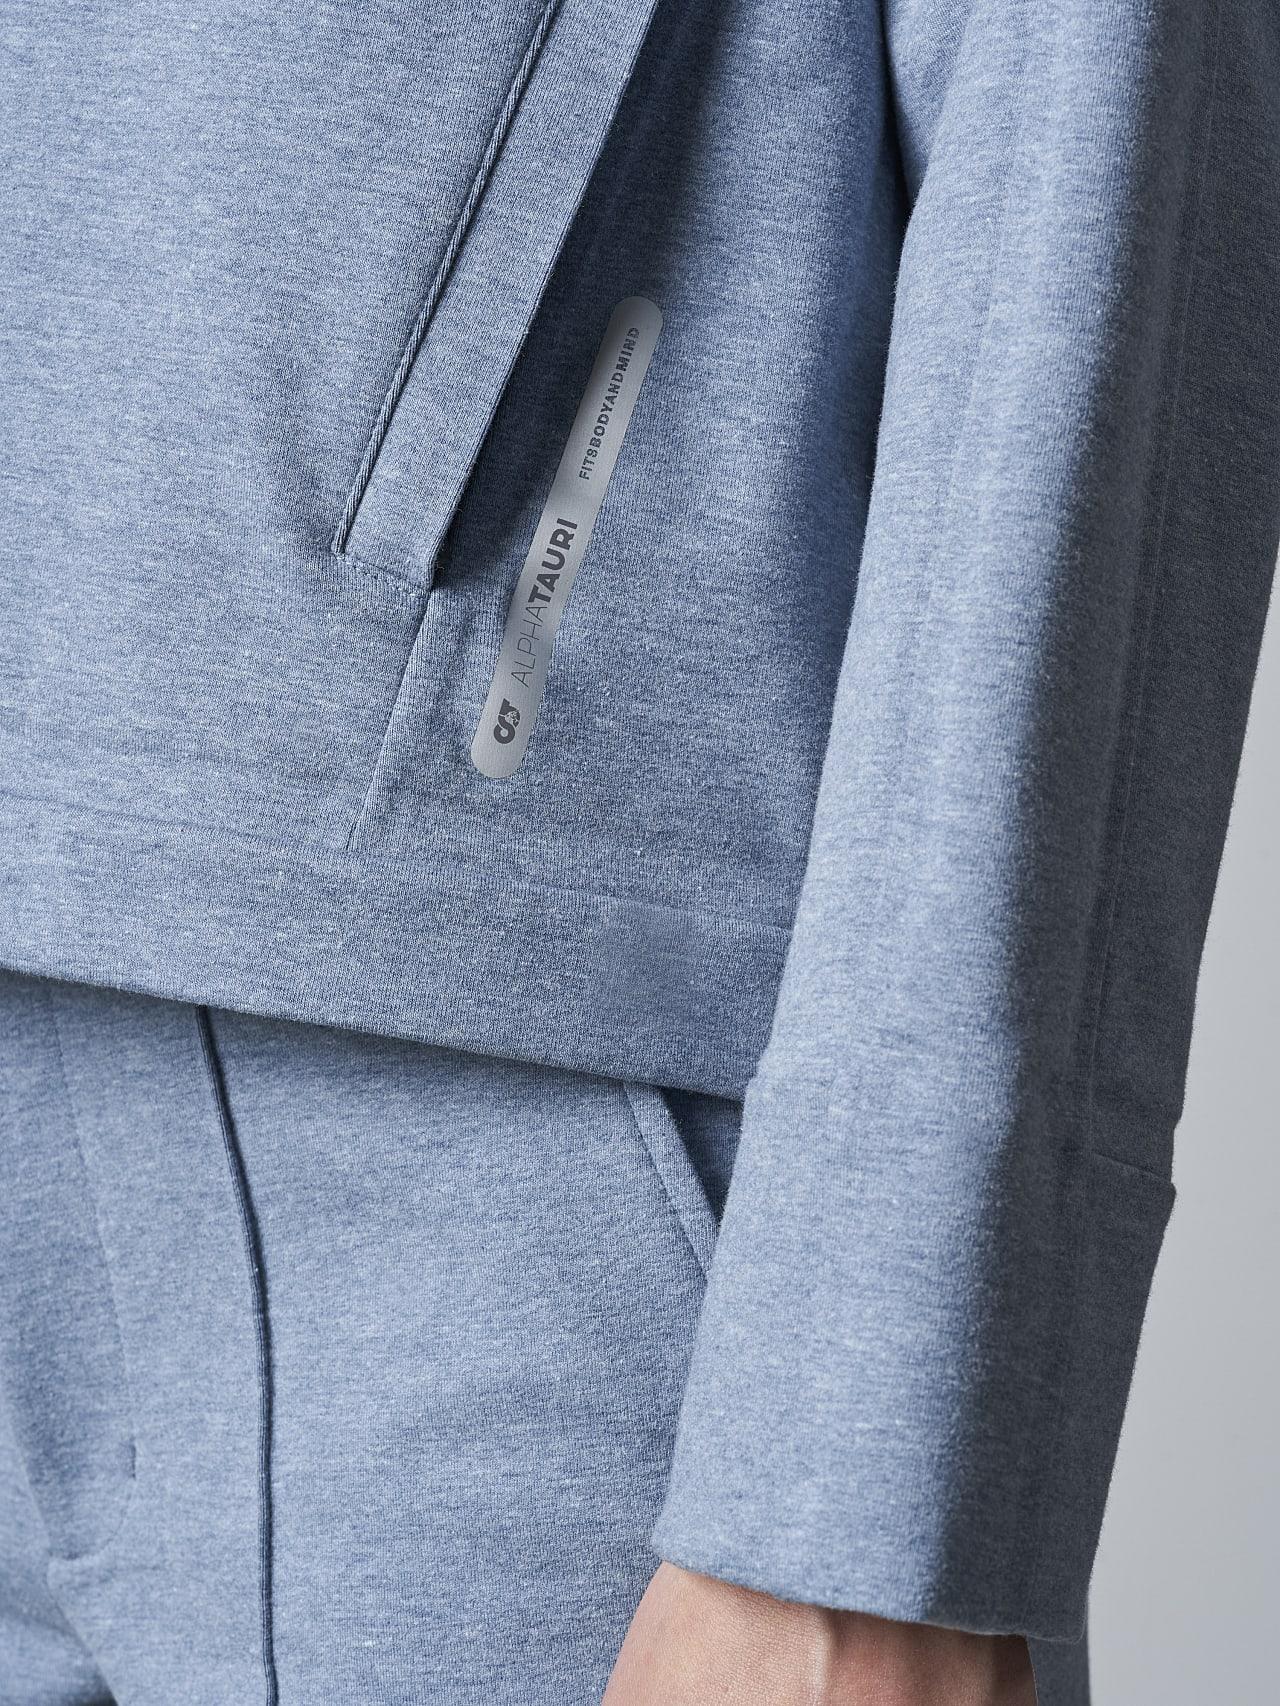 SINNO V2.Y5.02 Waterproof Hooded Jacket medium blue scene7.view.8.name Alpha Tauri